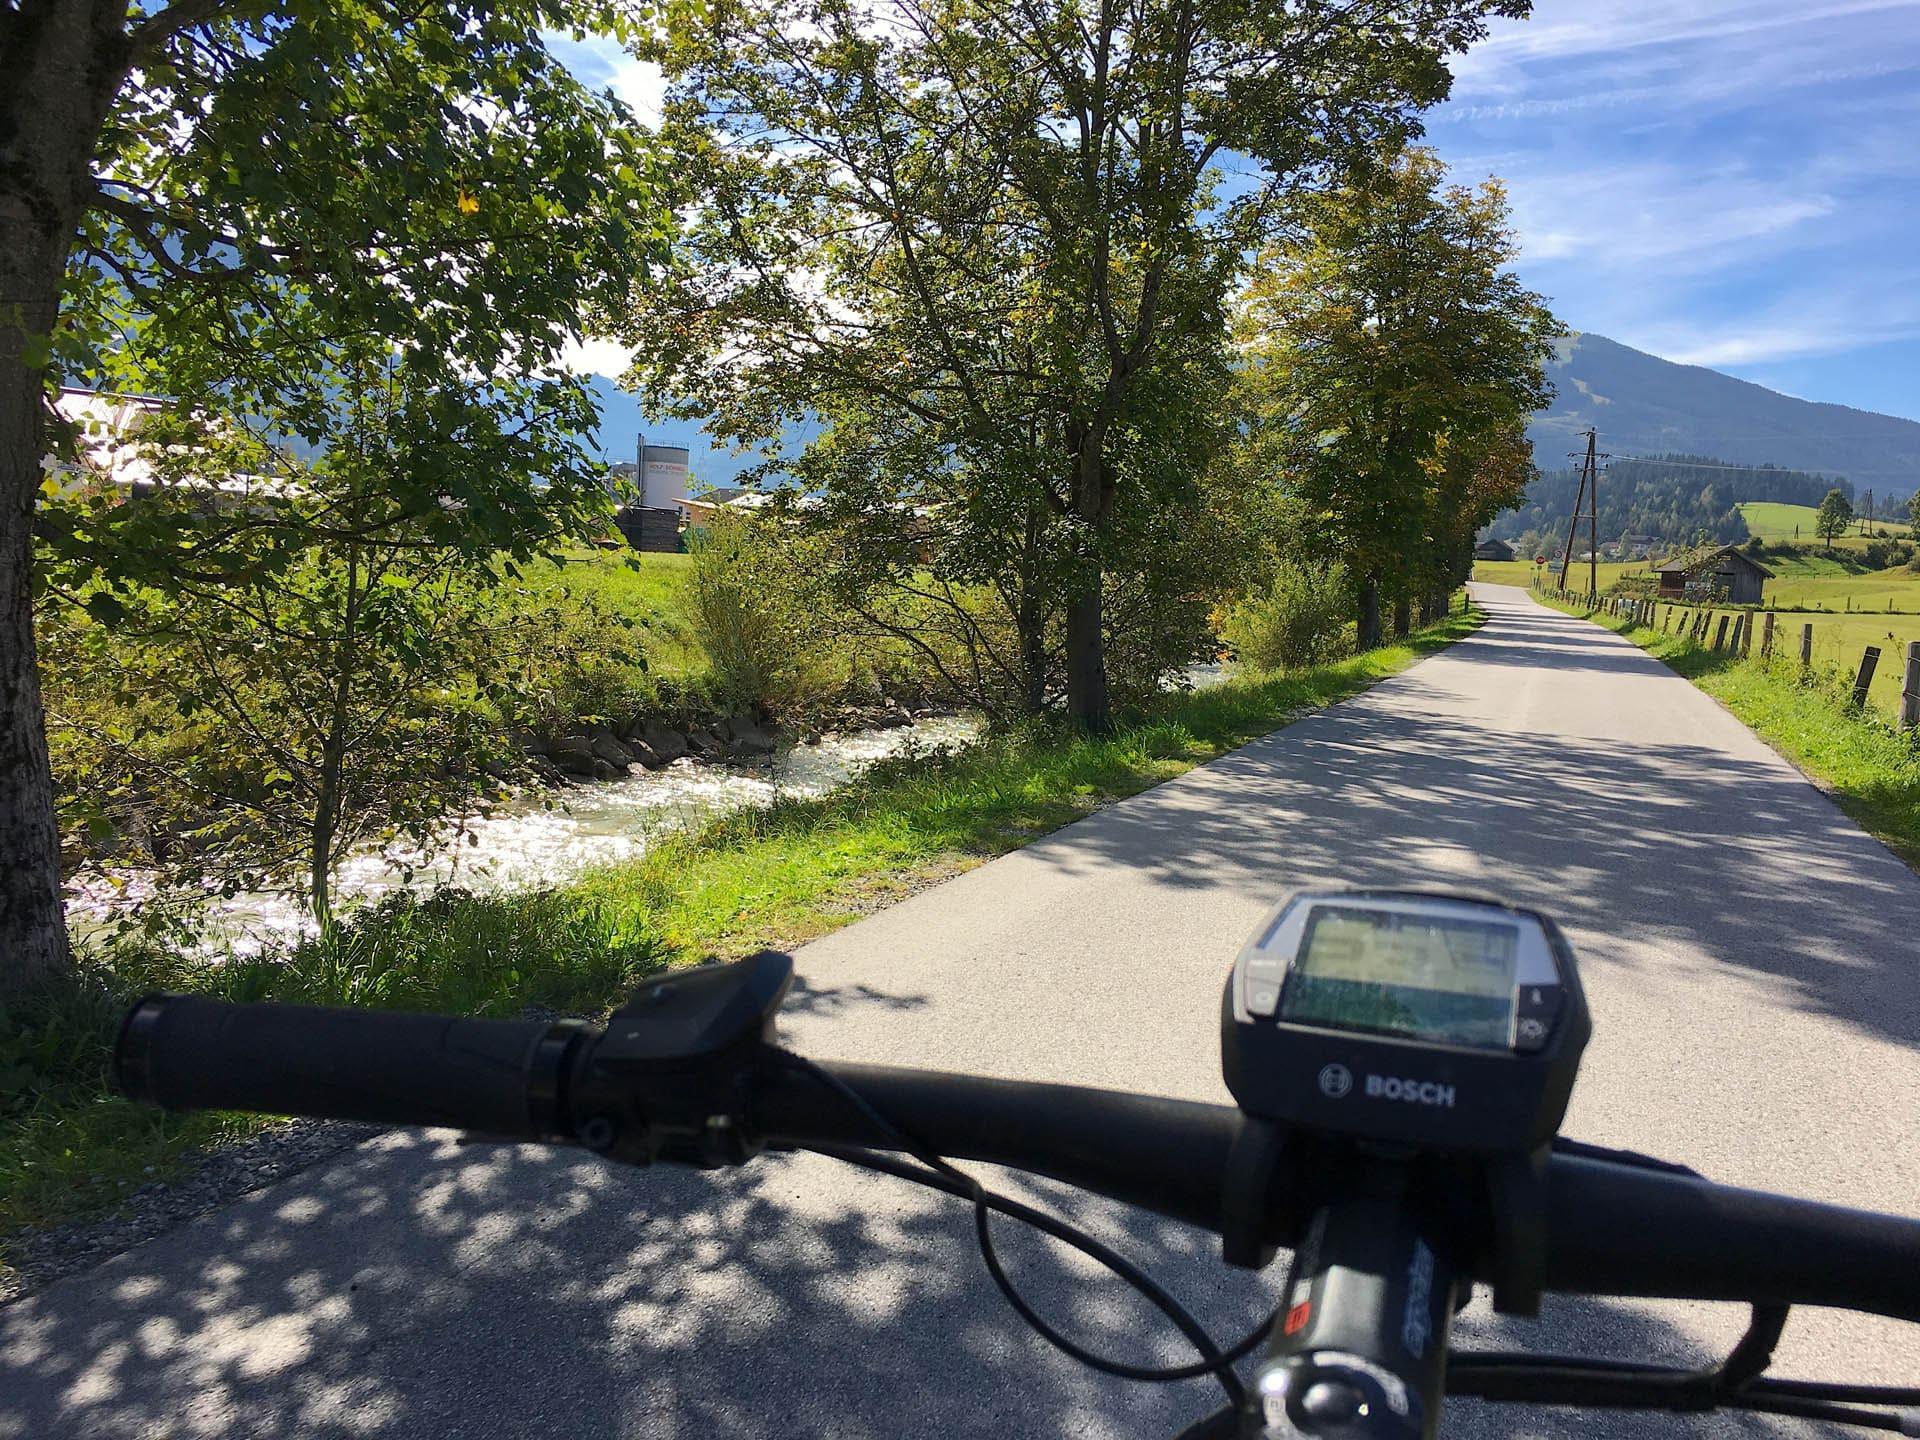 Hervorragendes Wasser aus den Tiefen der Berge - Auf den Spuren der Enns am Ennsradweg von Flachauwinkl nach Radstadt blogHuette.at image 17